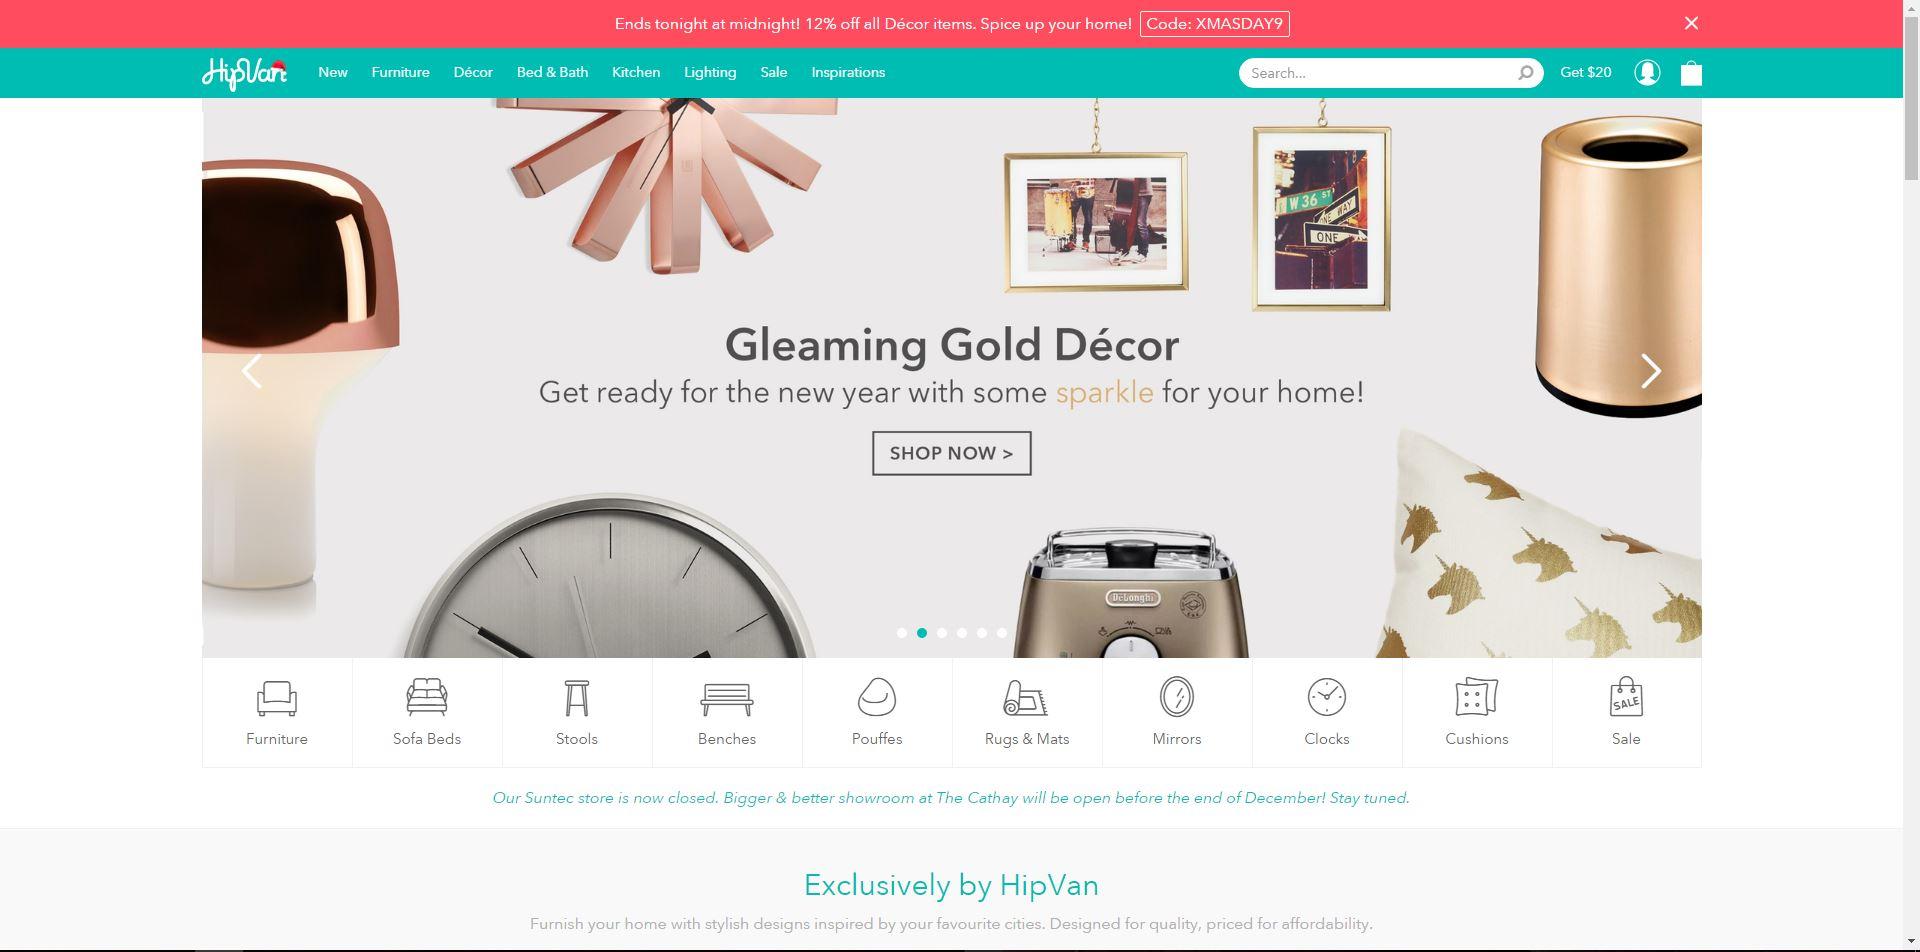 HipVan homepage